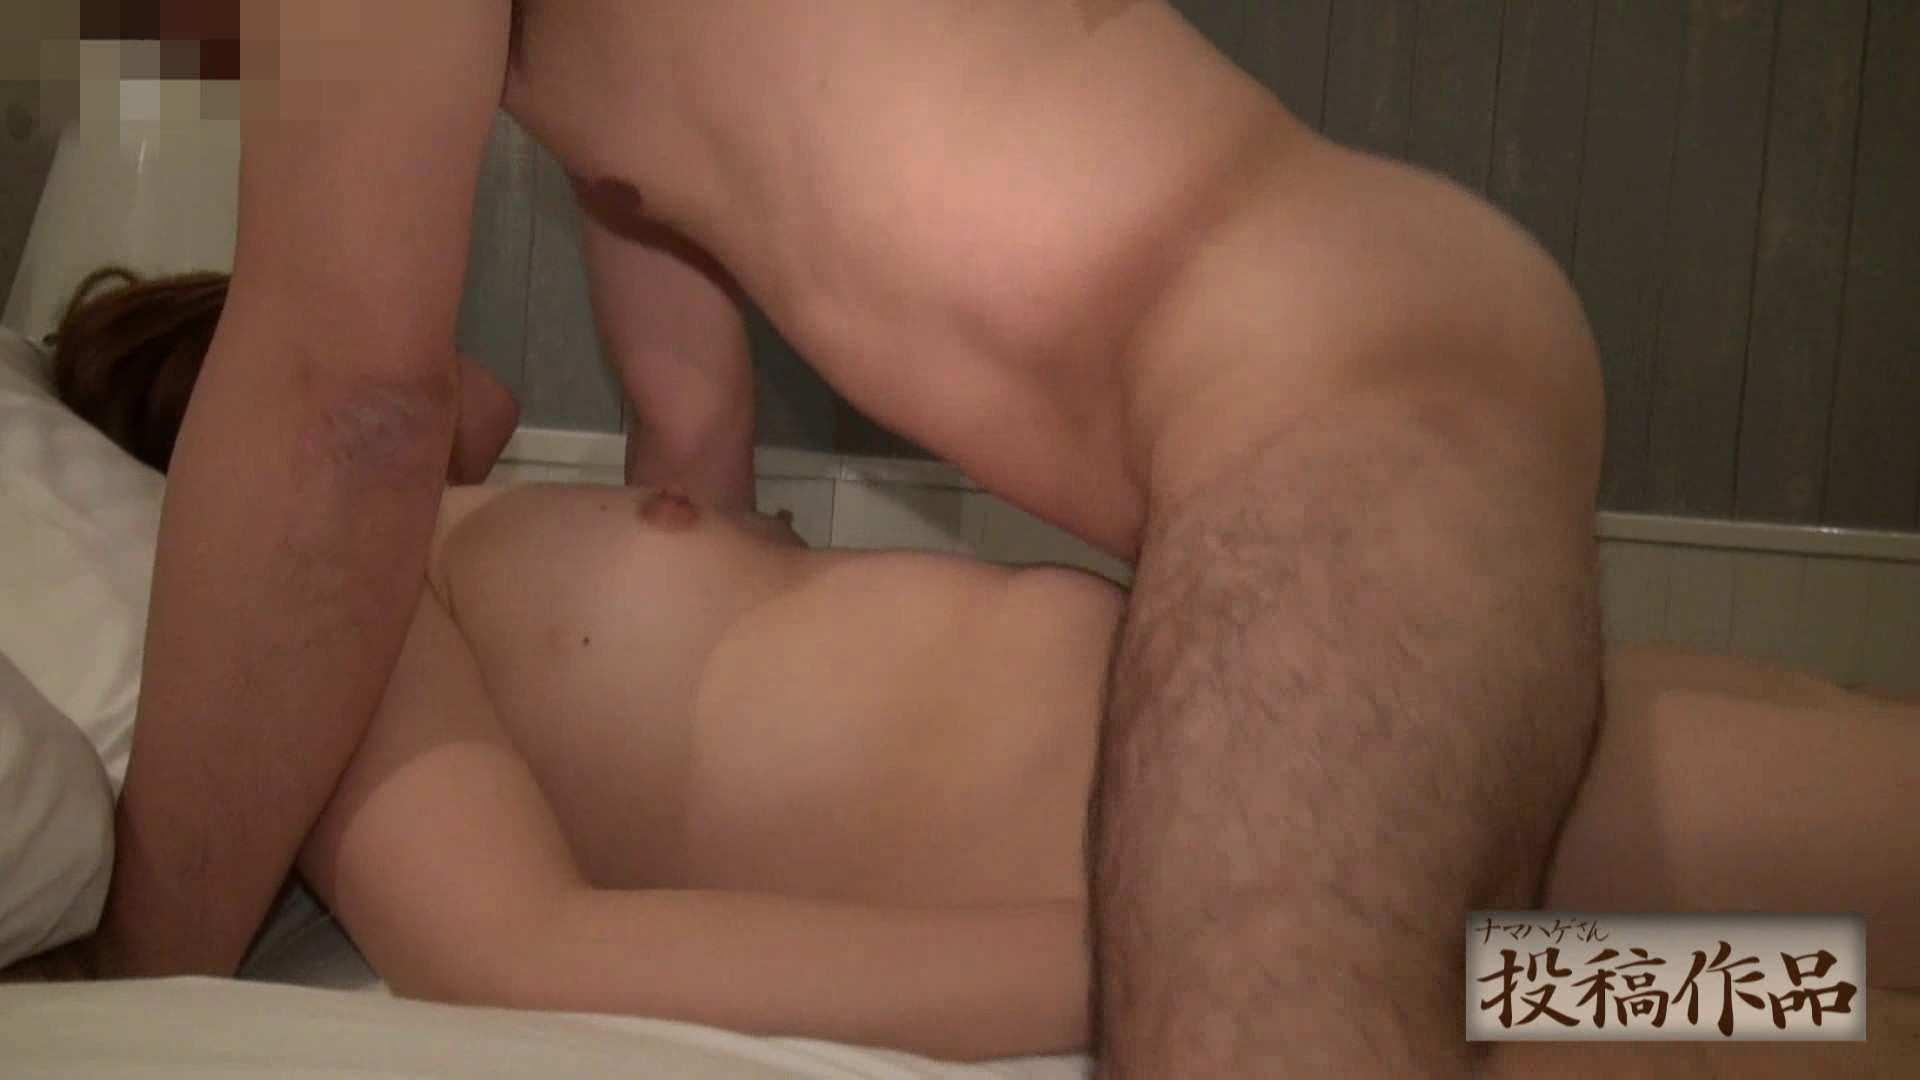 ナマハゲさんのまんこコレクション第二章 mimi02 OLの裸事情 オメコ無修正動画無料 108枚 83